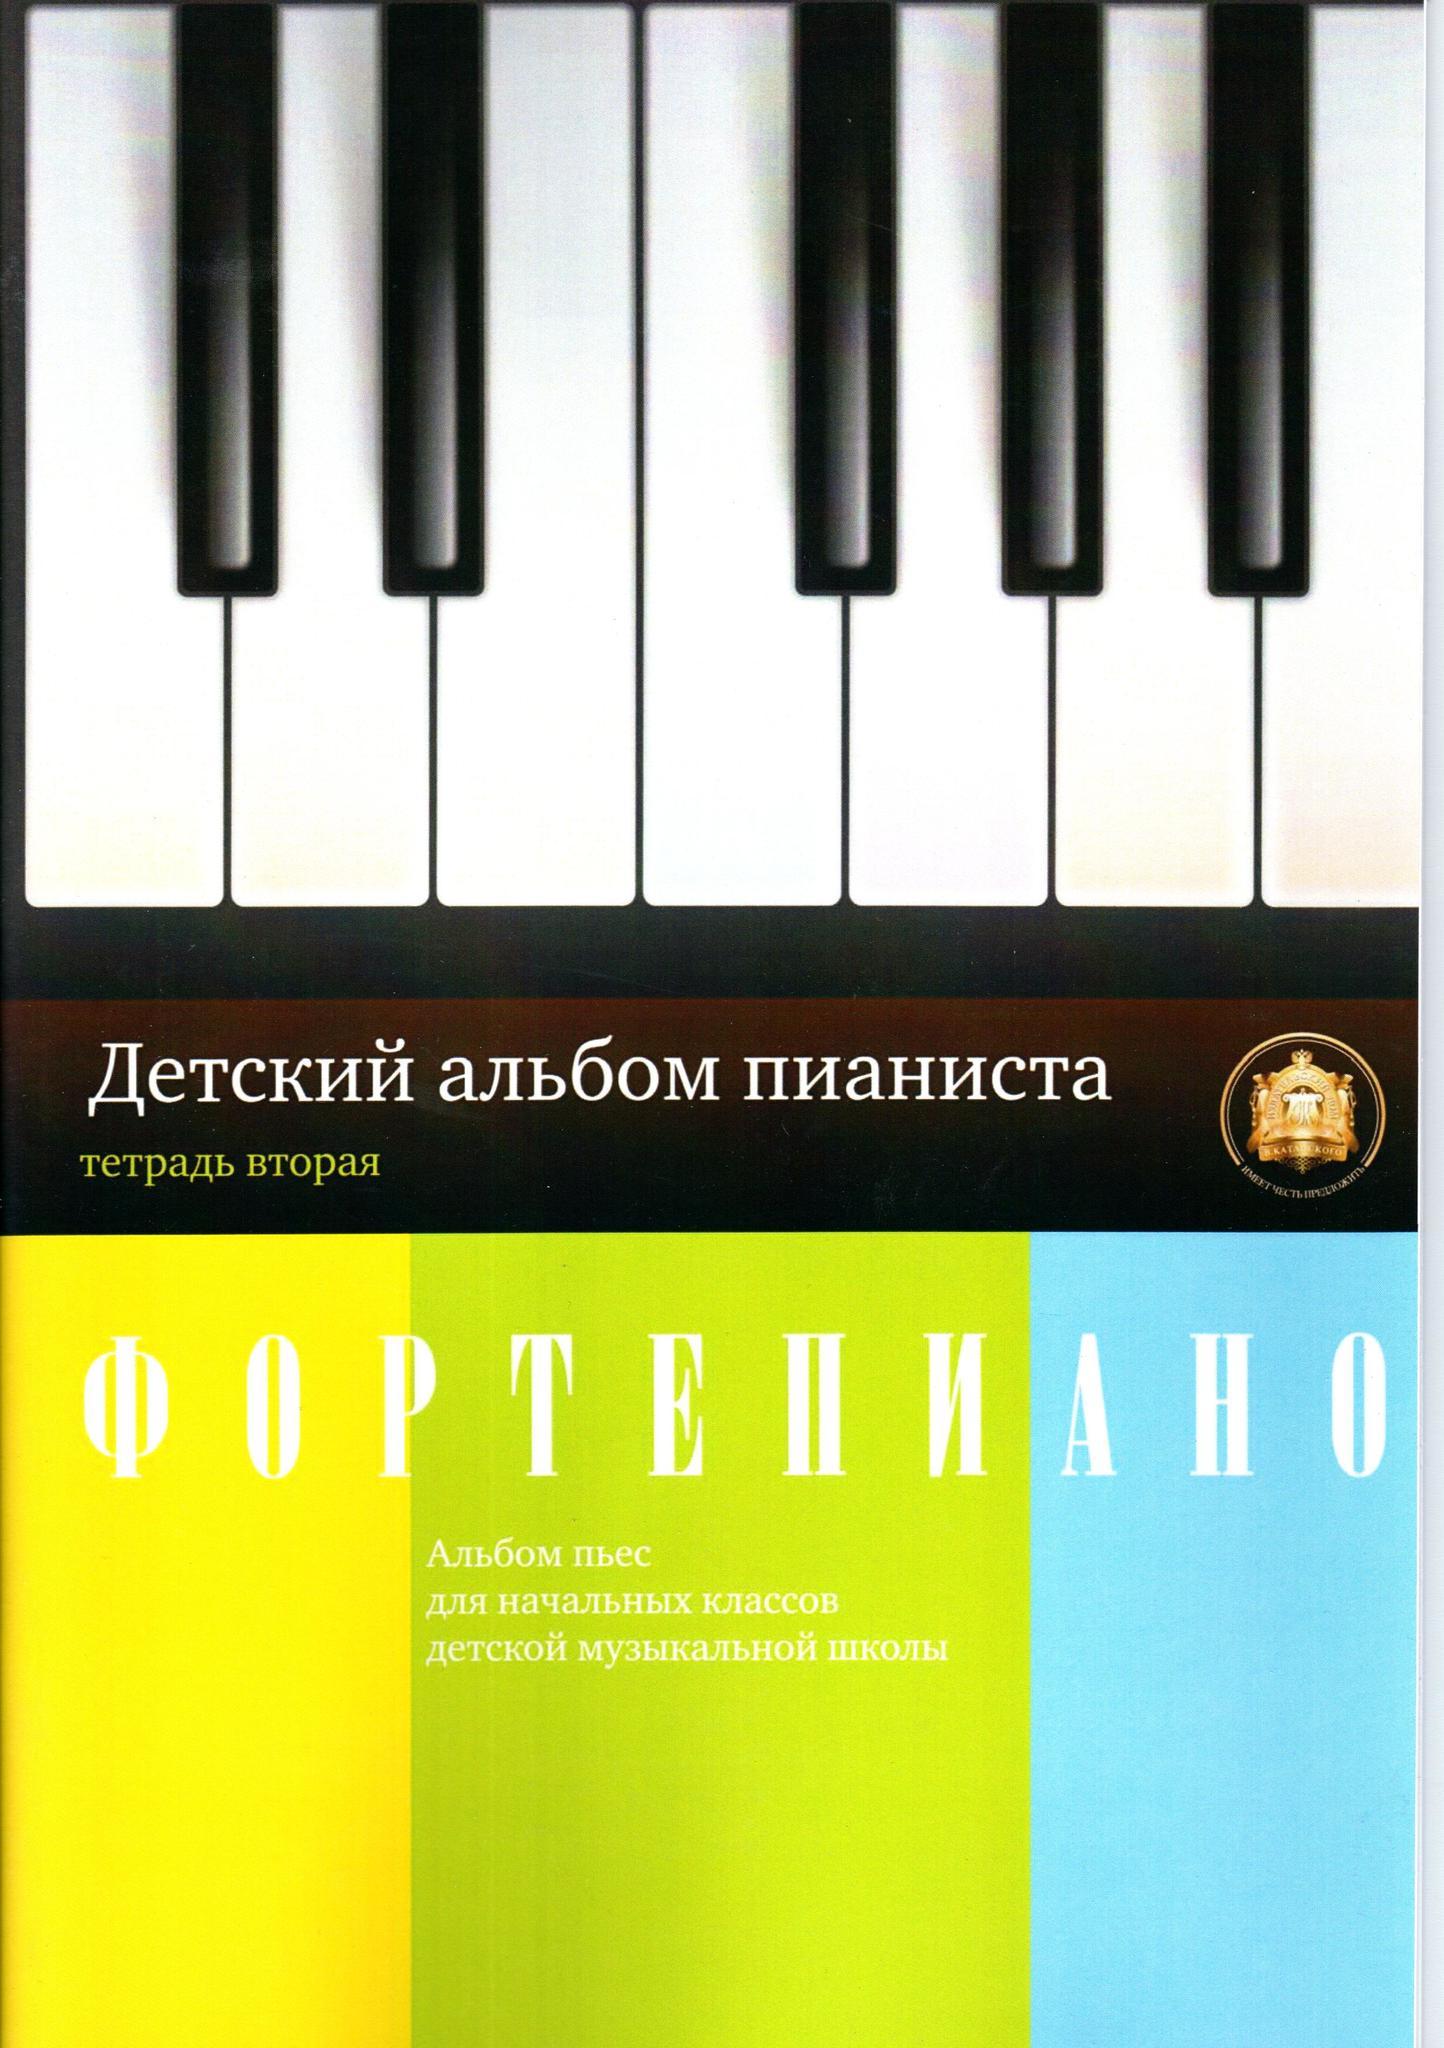 Катанский А. В. Детский альбом пианиста. Альбом пьес для начальных классв ДМШ. Тетрадь 2.